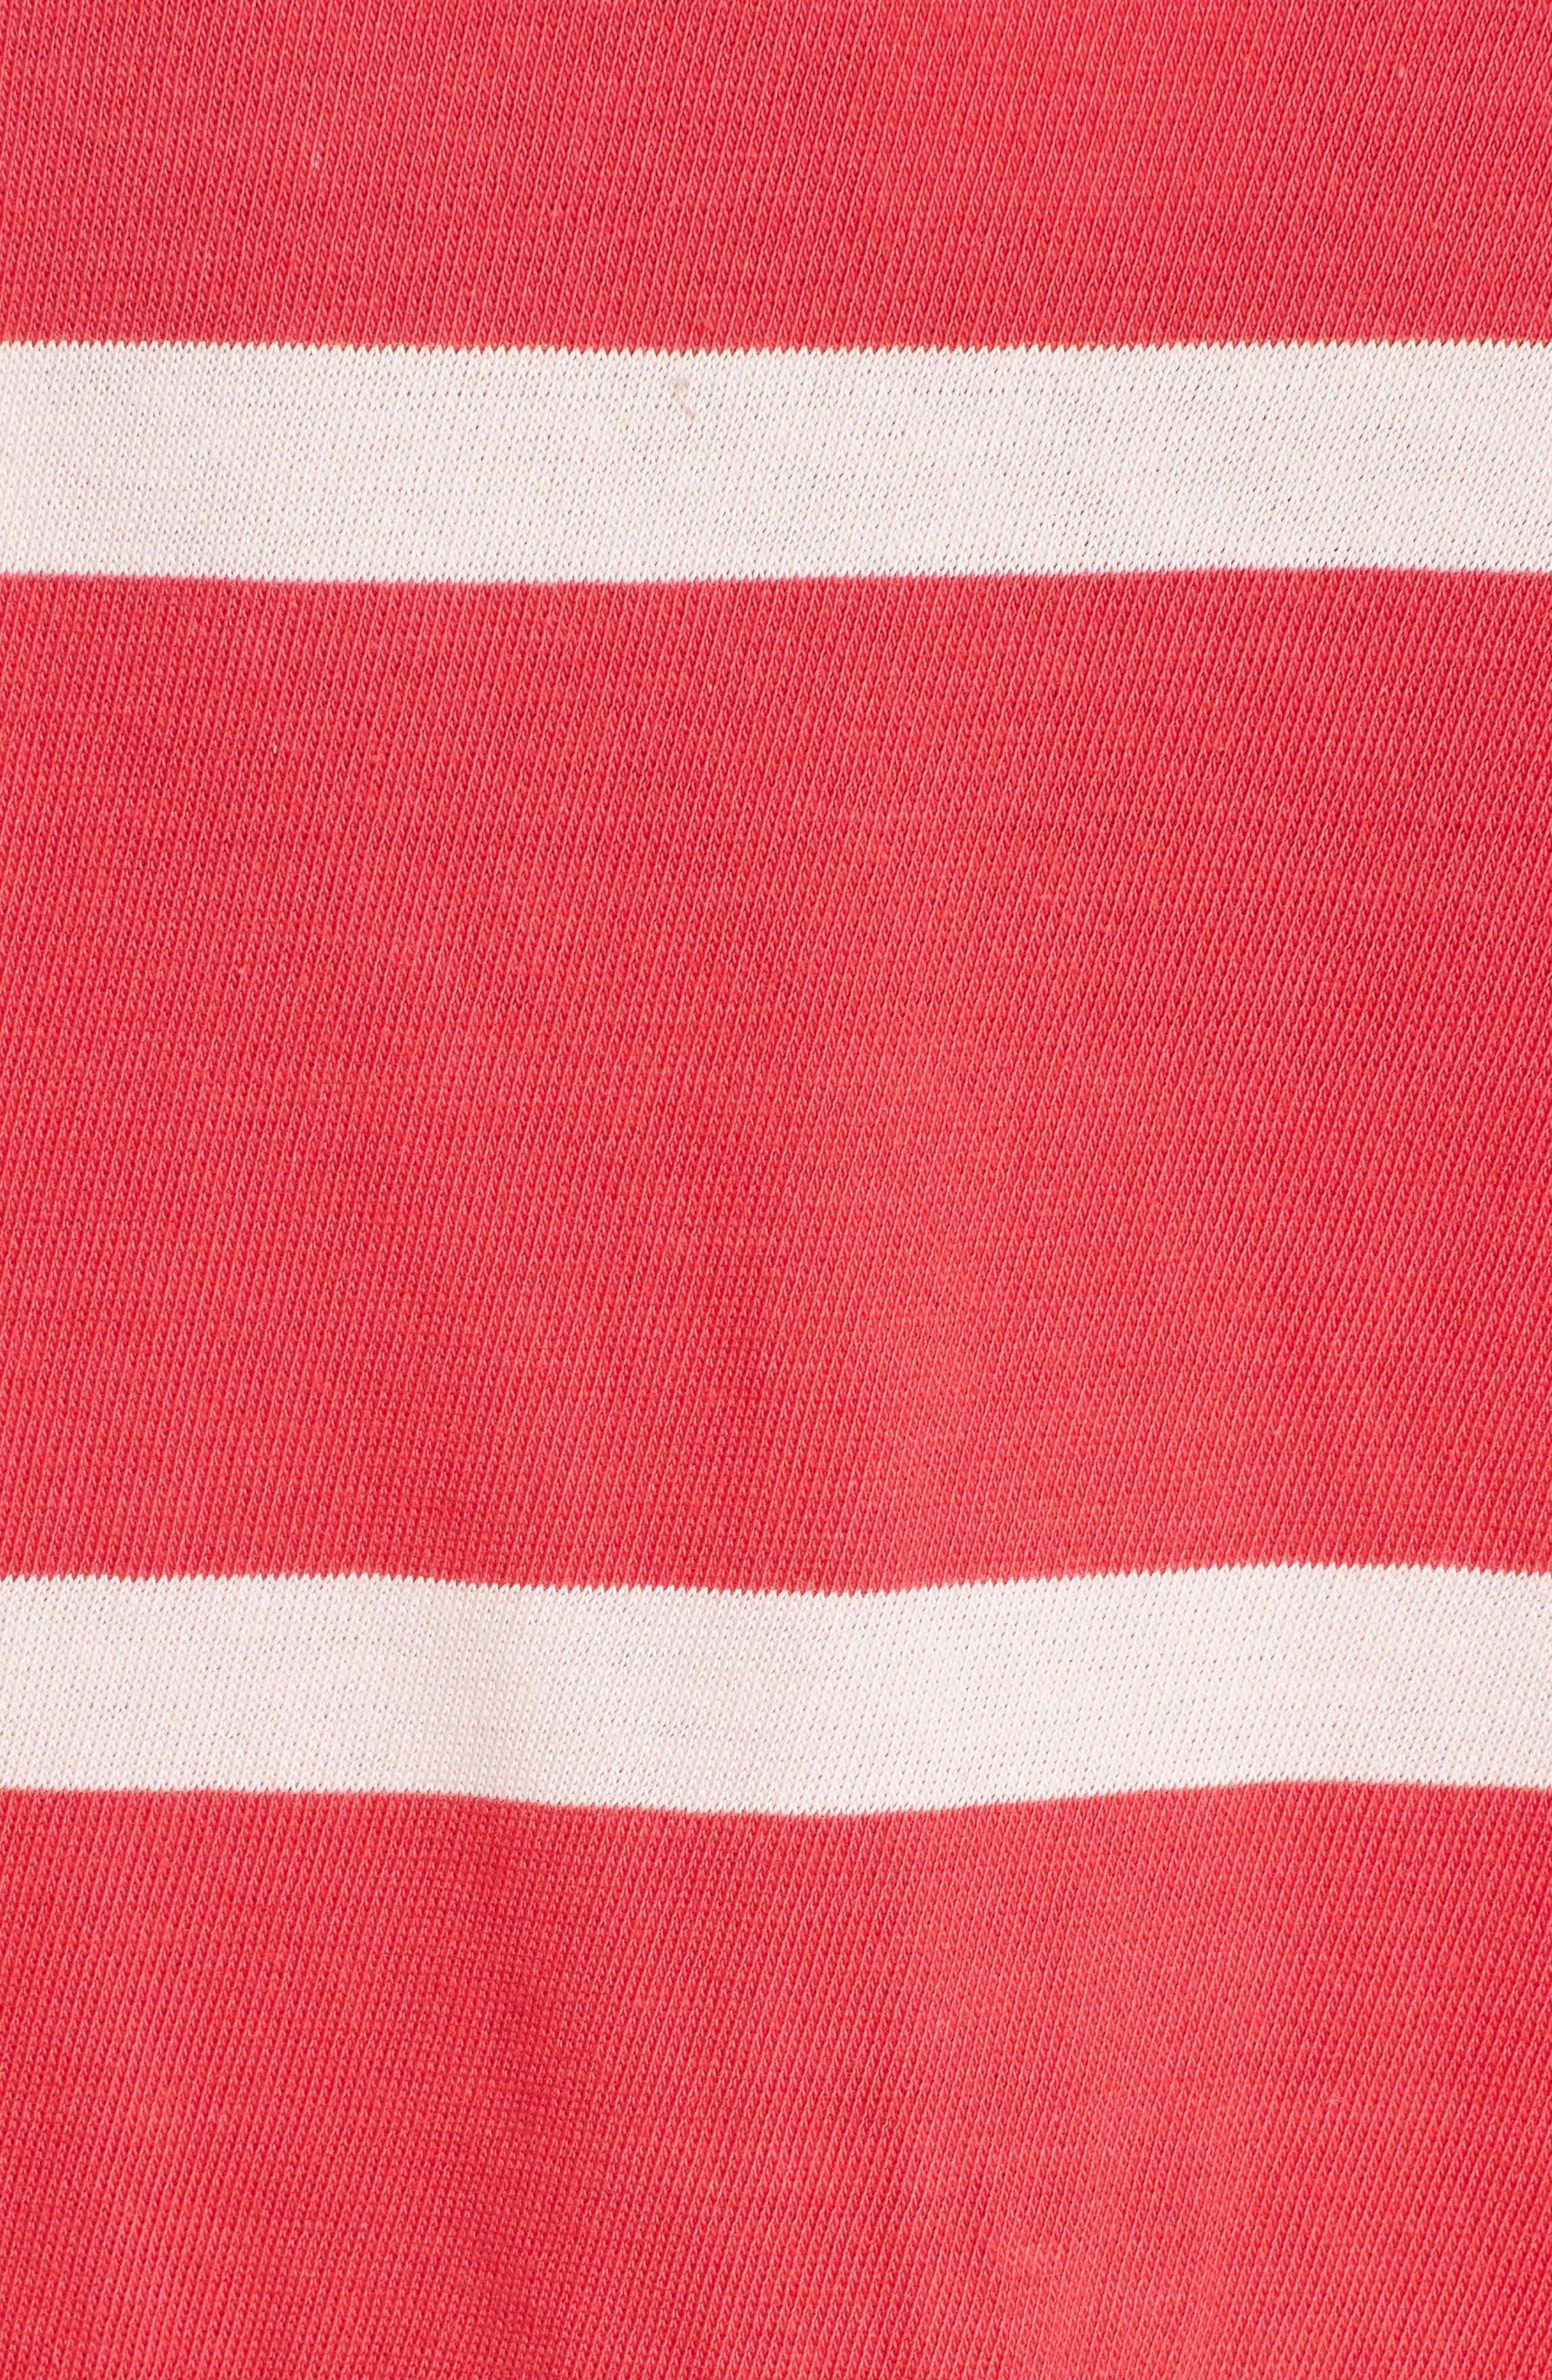 Alternate Image 5  - Free People Upstate Stripe Tee